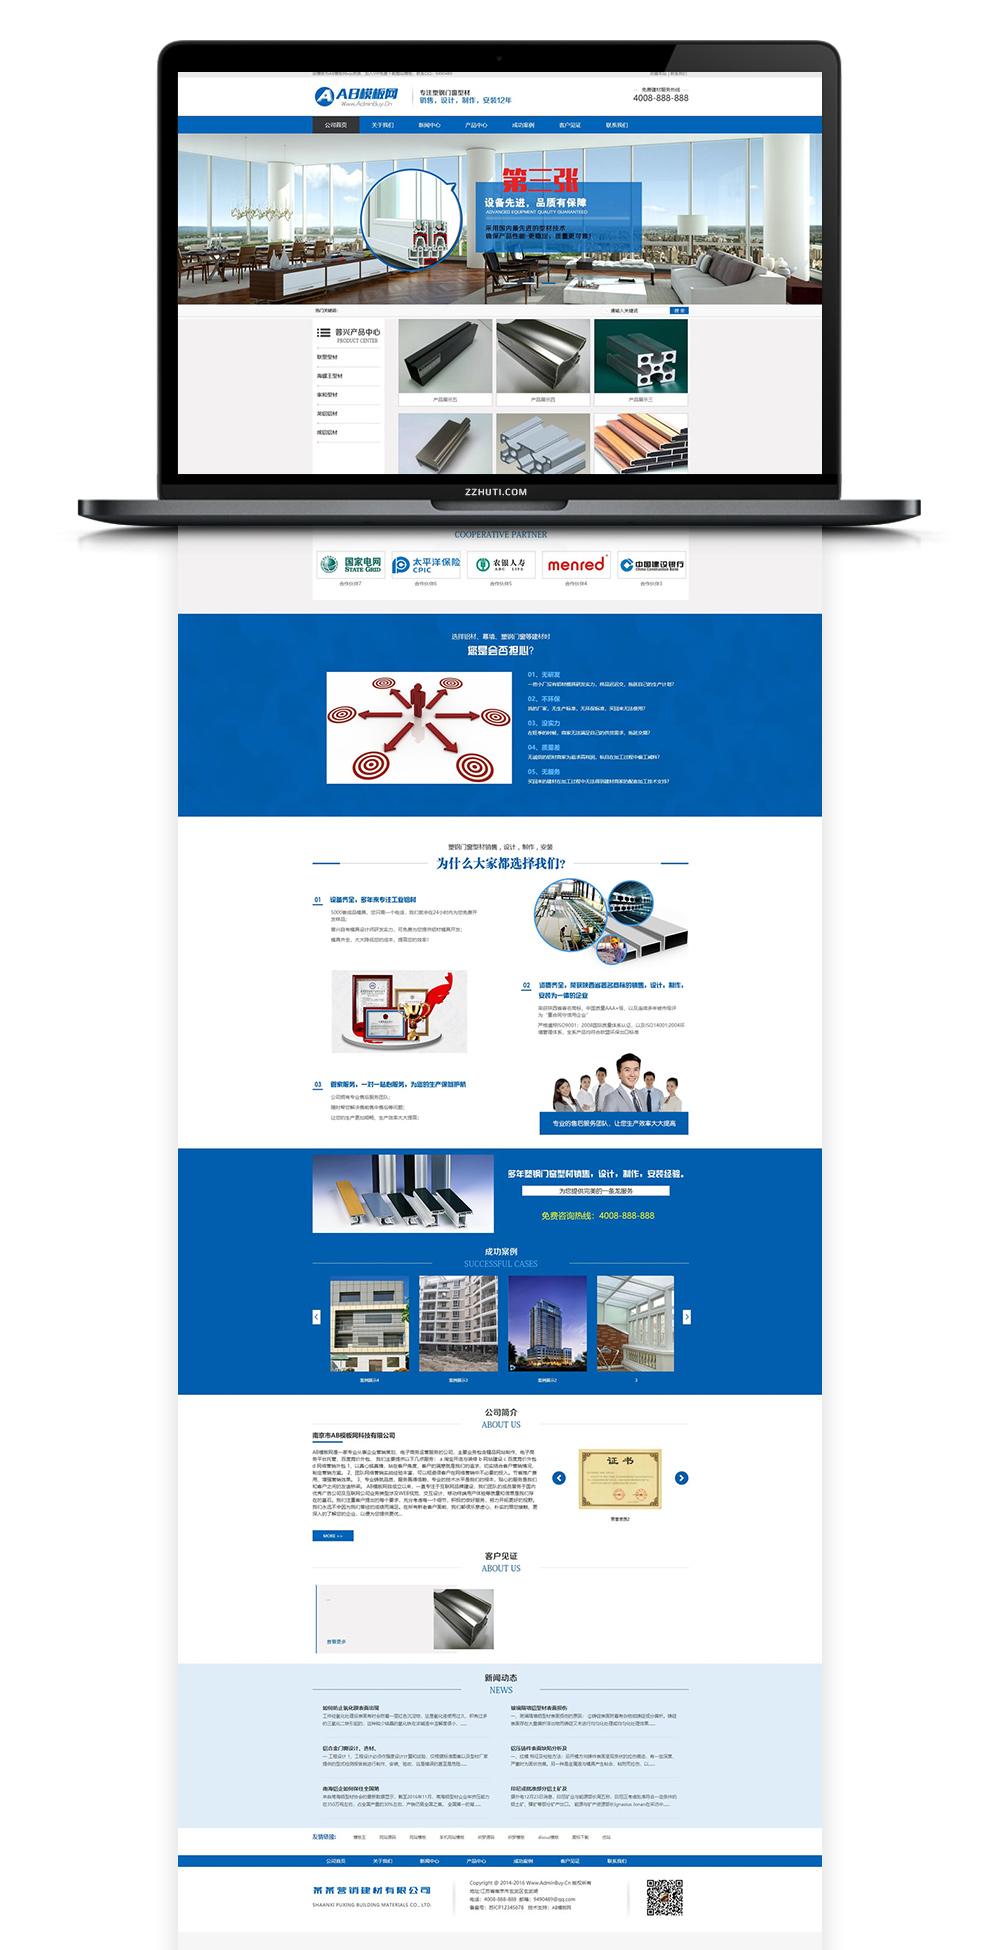 【织梦铝业材料】蓝色dedecms模板-网站源码带手机版数据同步